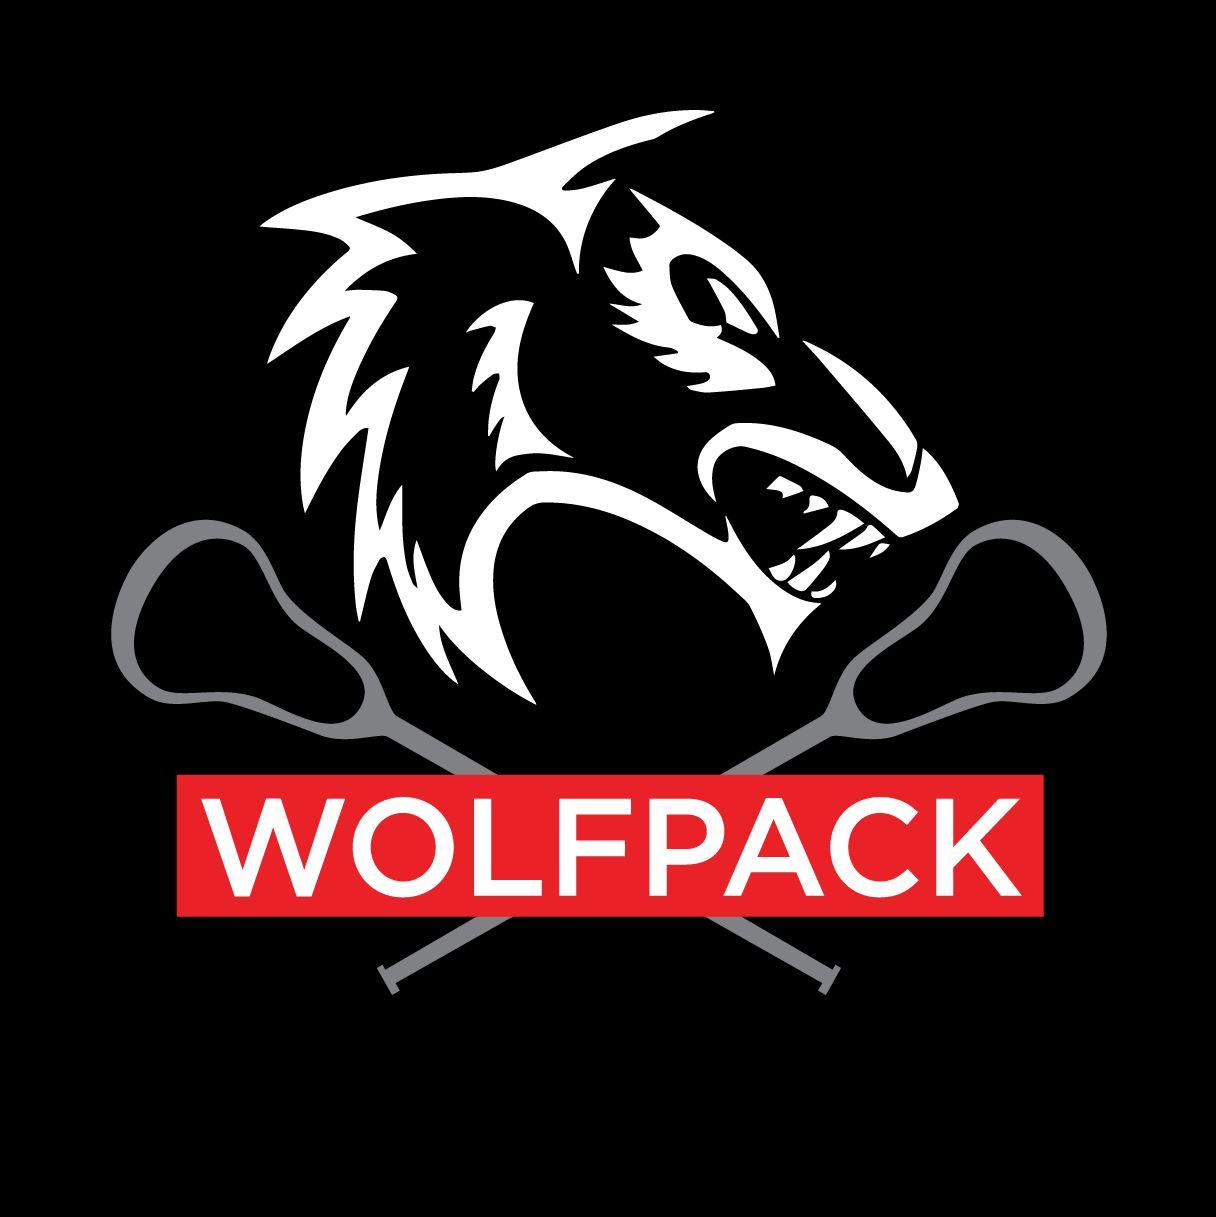 Wausau West High School - Wausau Wolfpack JV Lacrosse